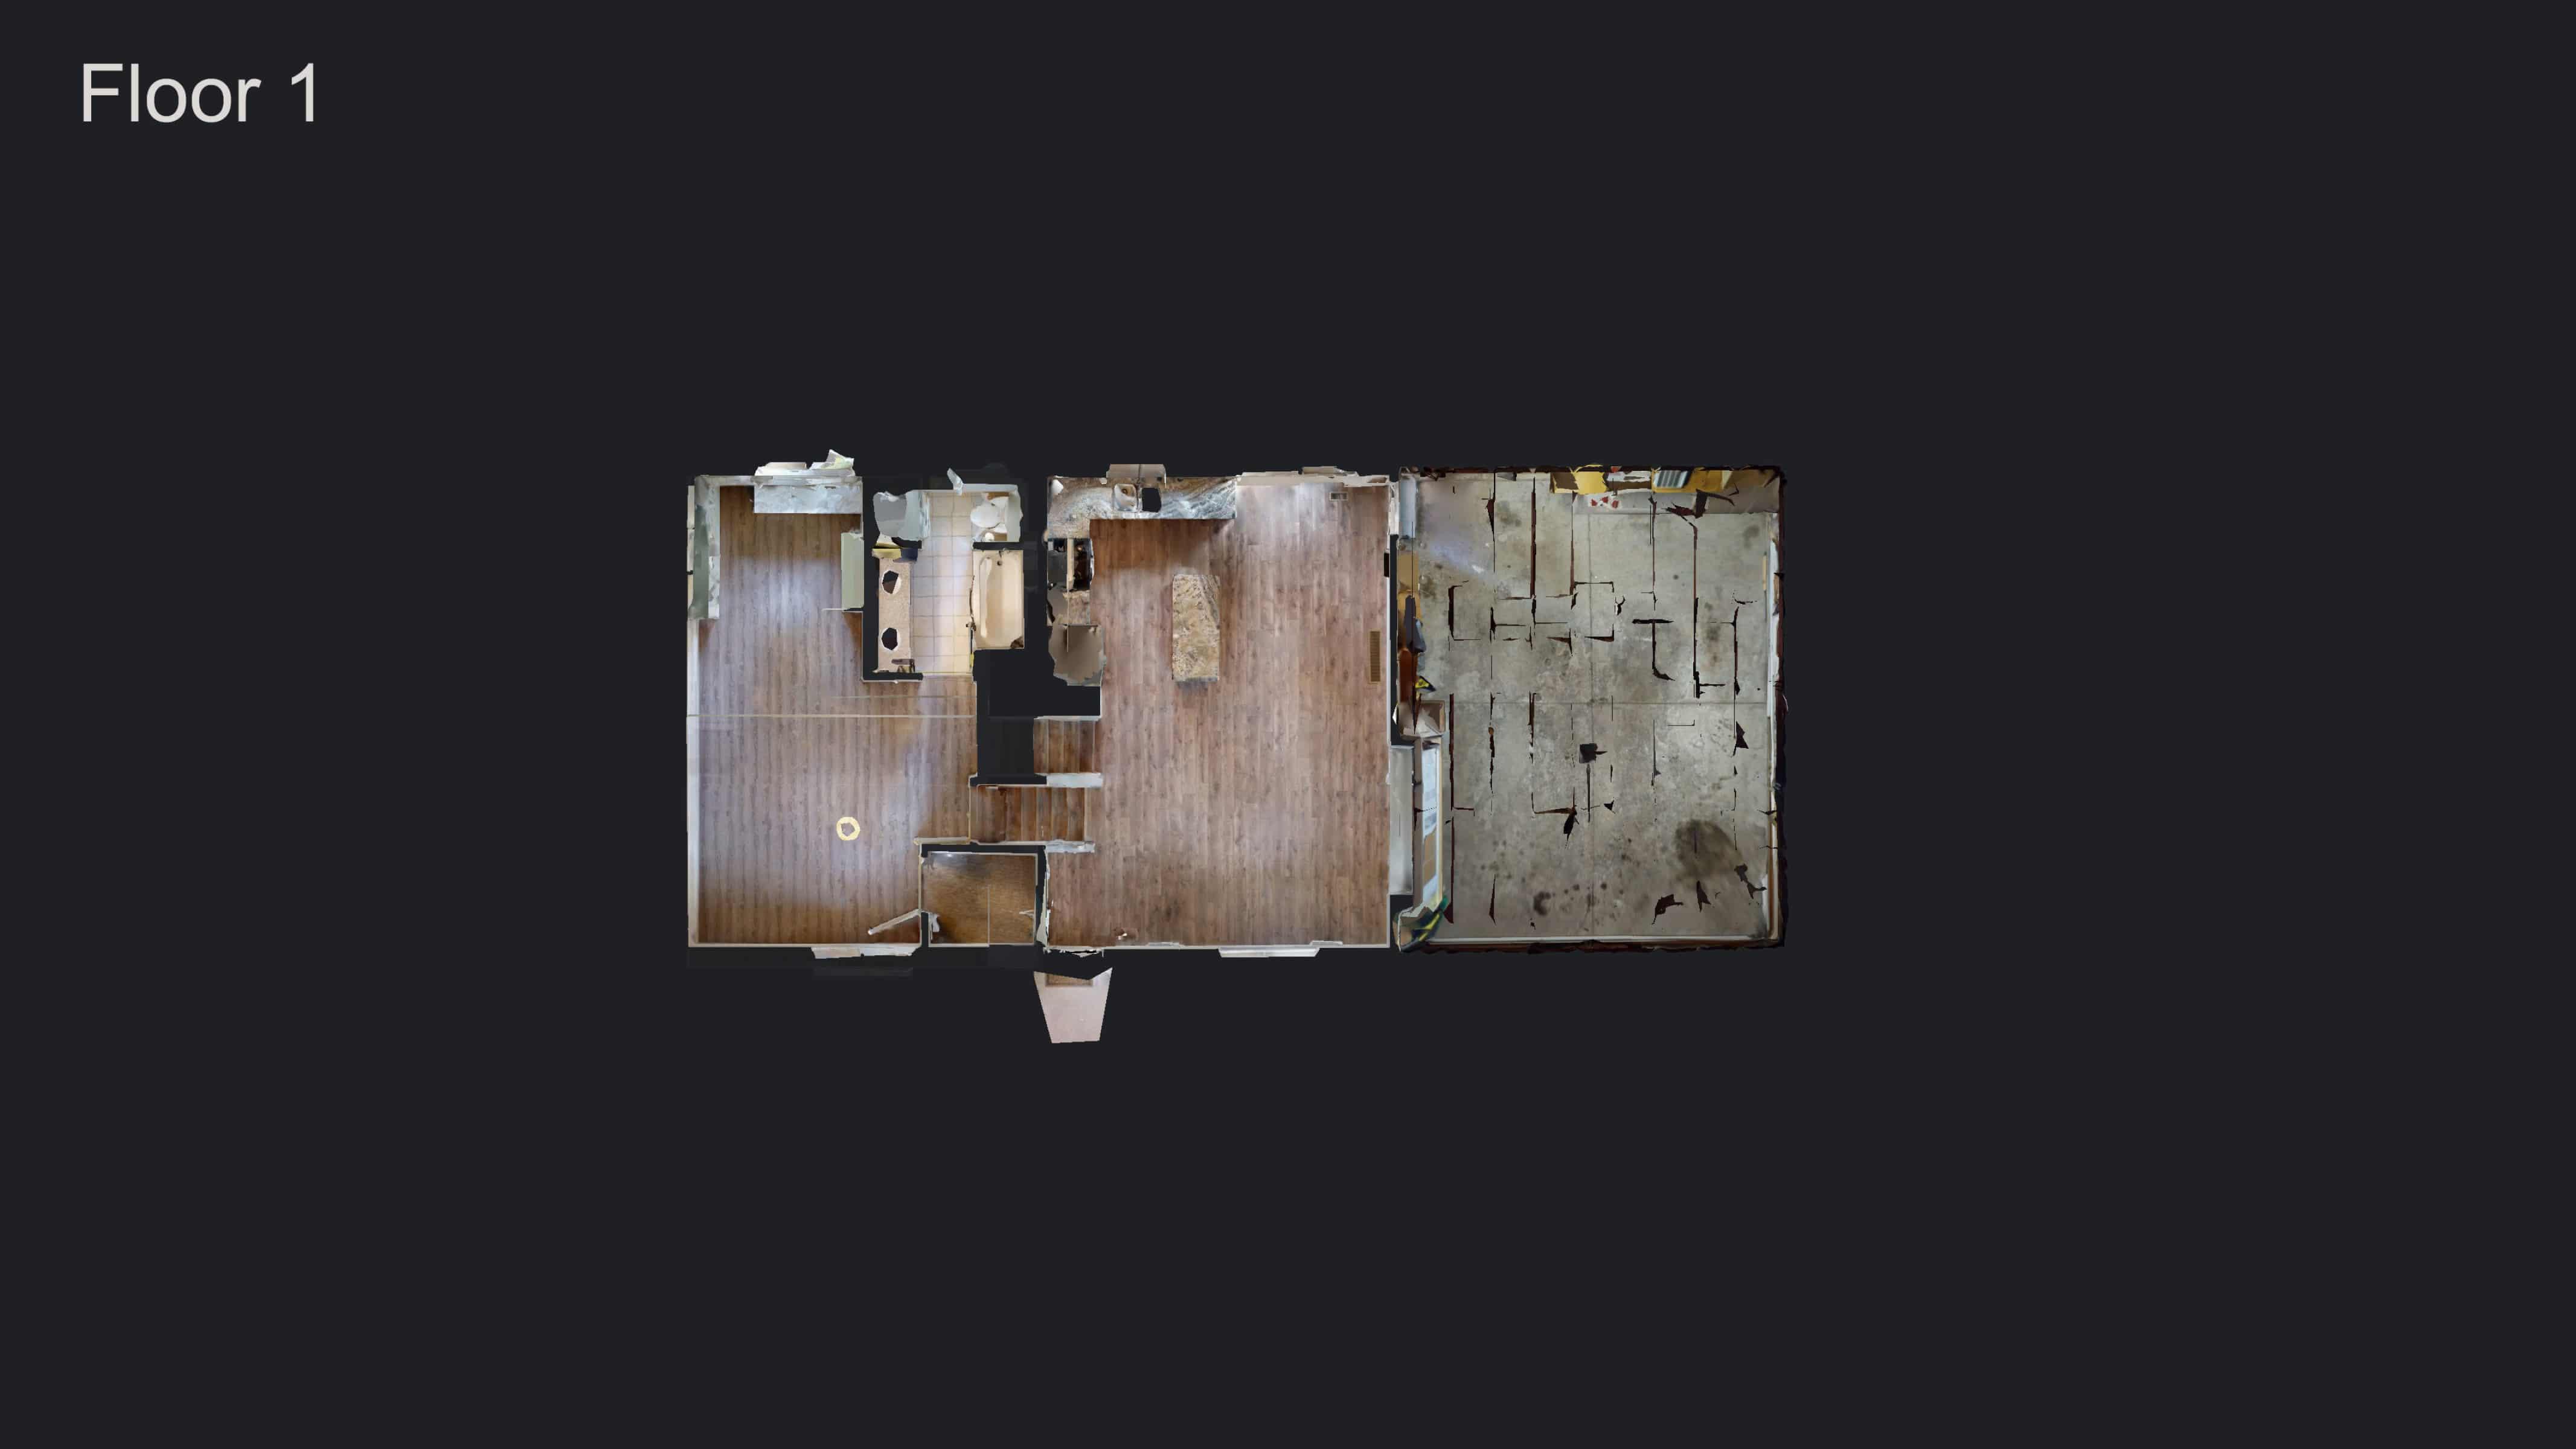 10951 W 106th Ave Floor Design Main